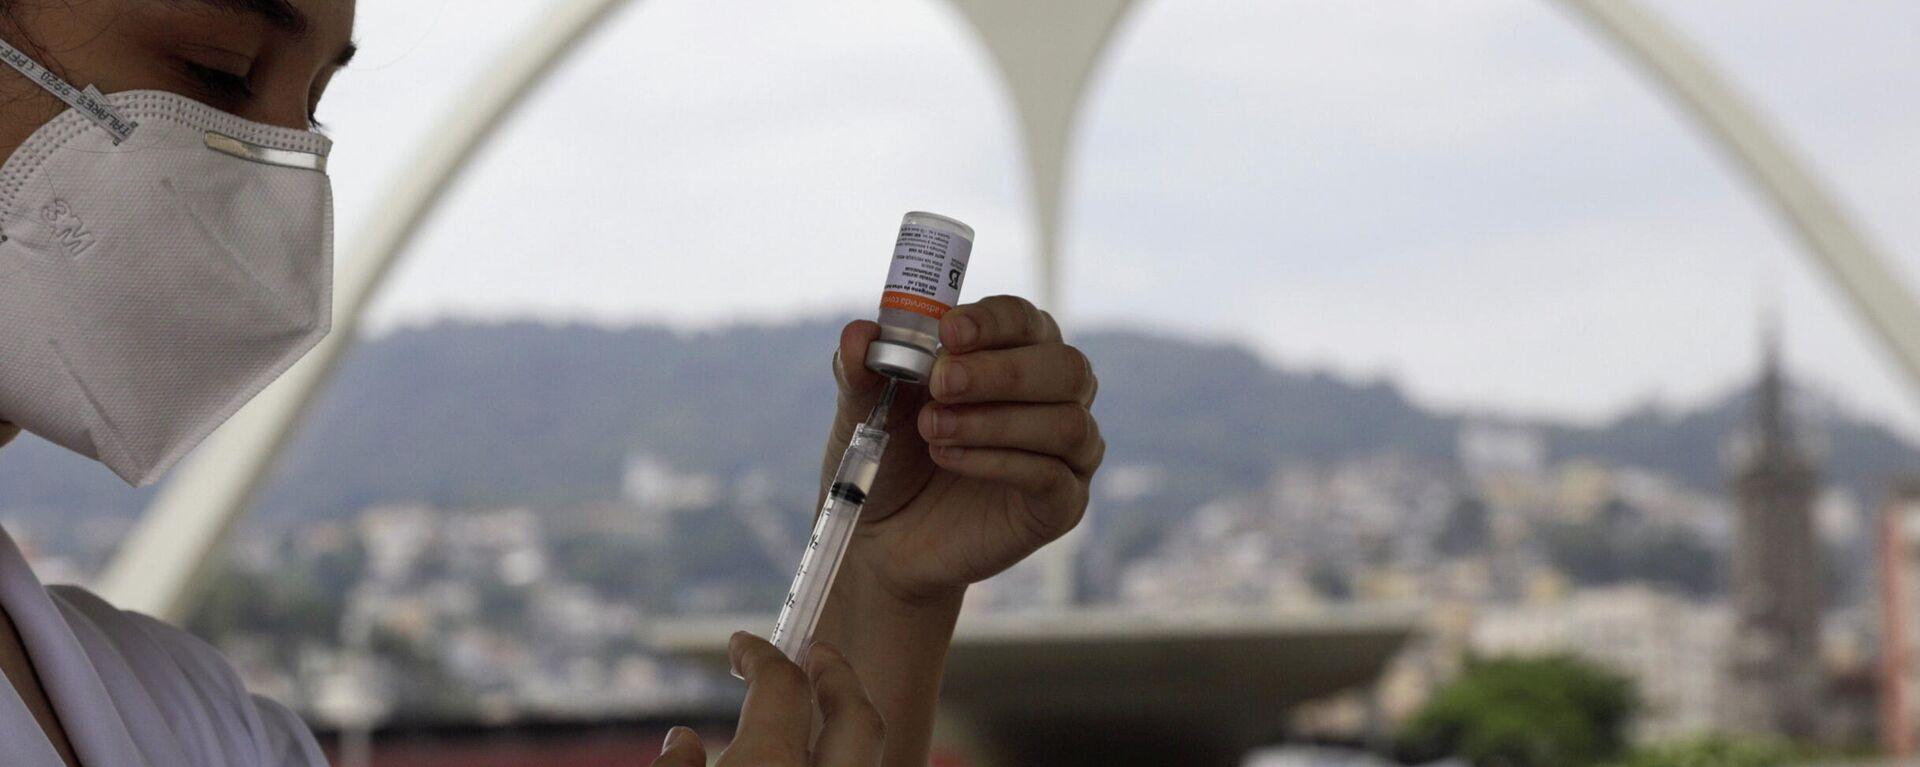 Enfermera con una vacuna contra COVID-19 en Río de Janeiro, Brasil - Sputnik Mundo, 1920, 23.07.2021